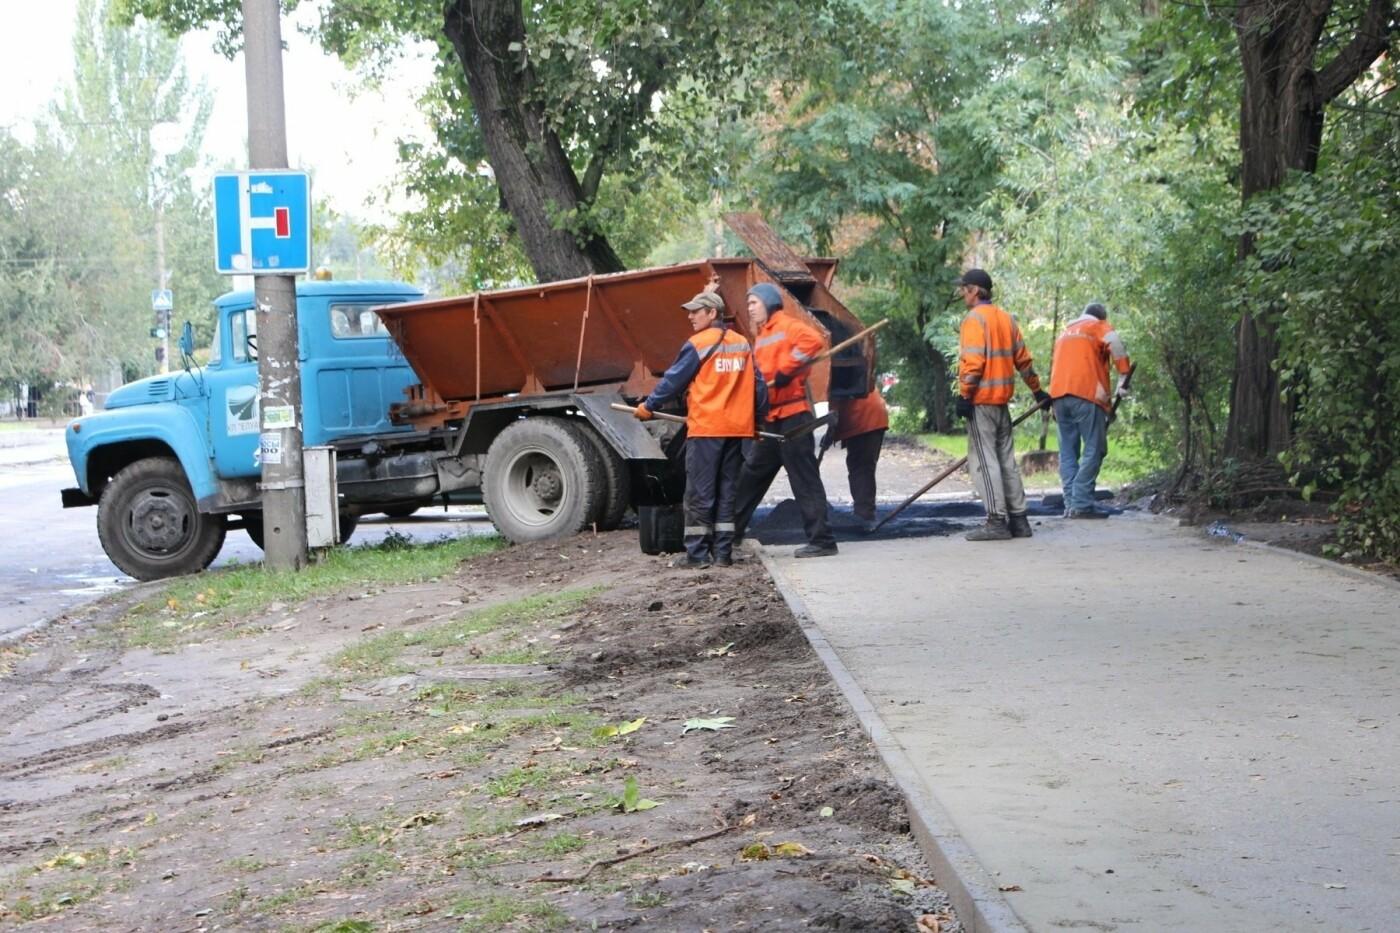 В Запорожье ремонтируют тротуары в районе проспекта Металлургов, - ФОТО, фото-5